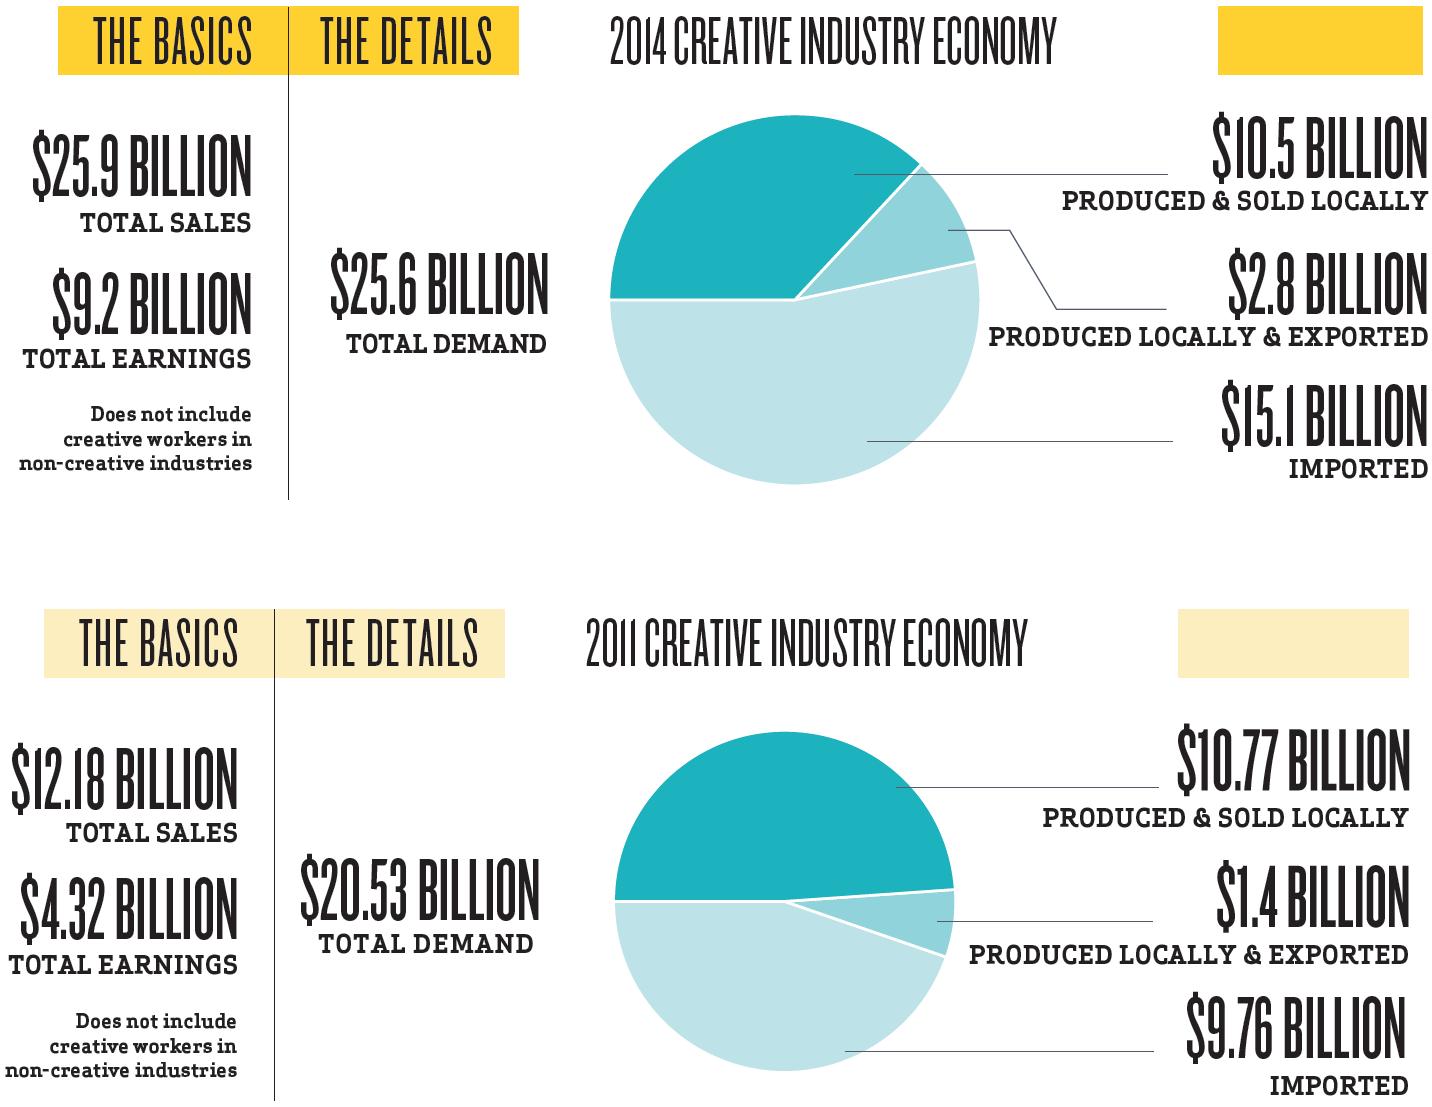 Creative Industry Economy